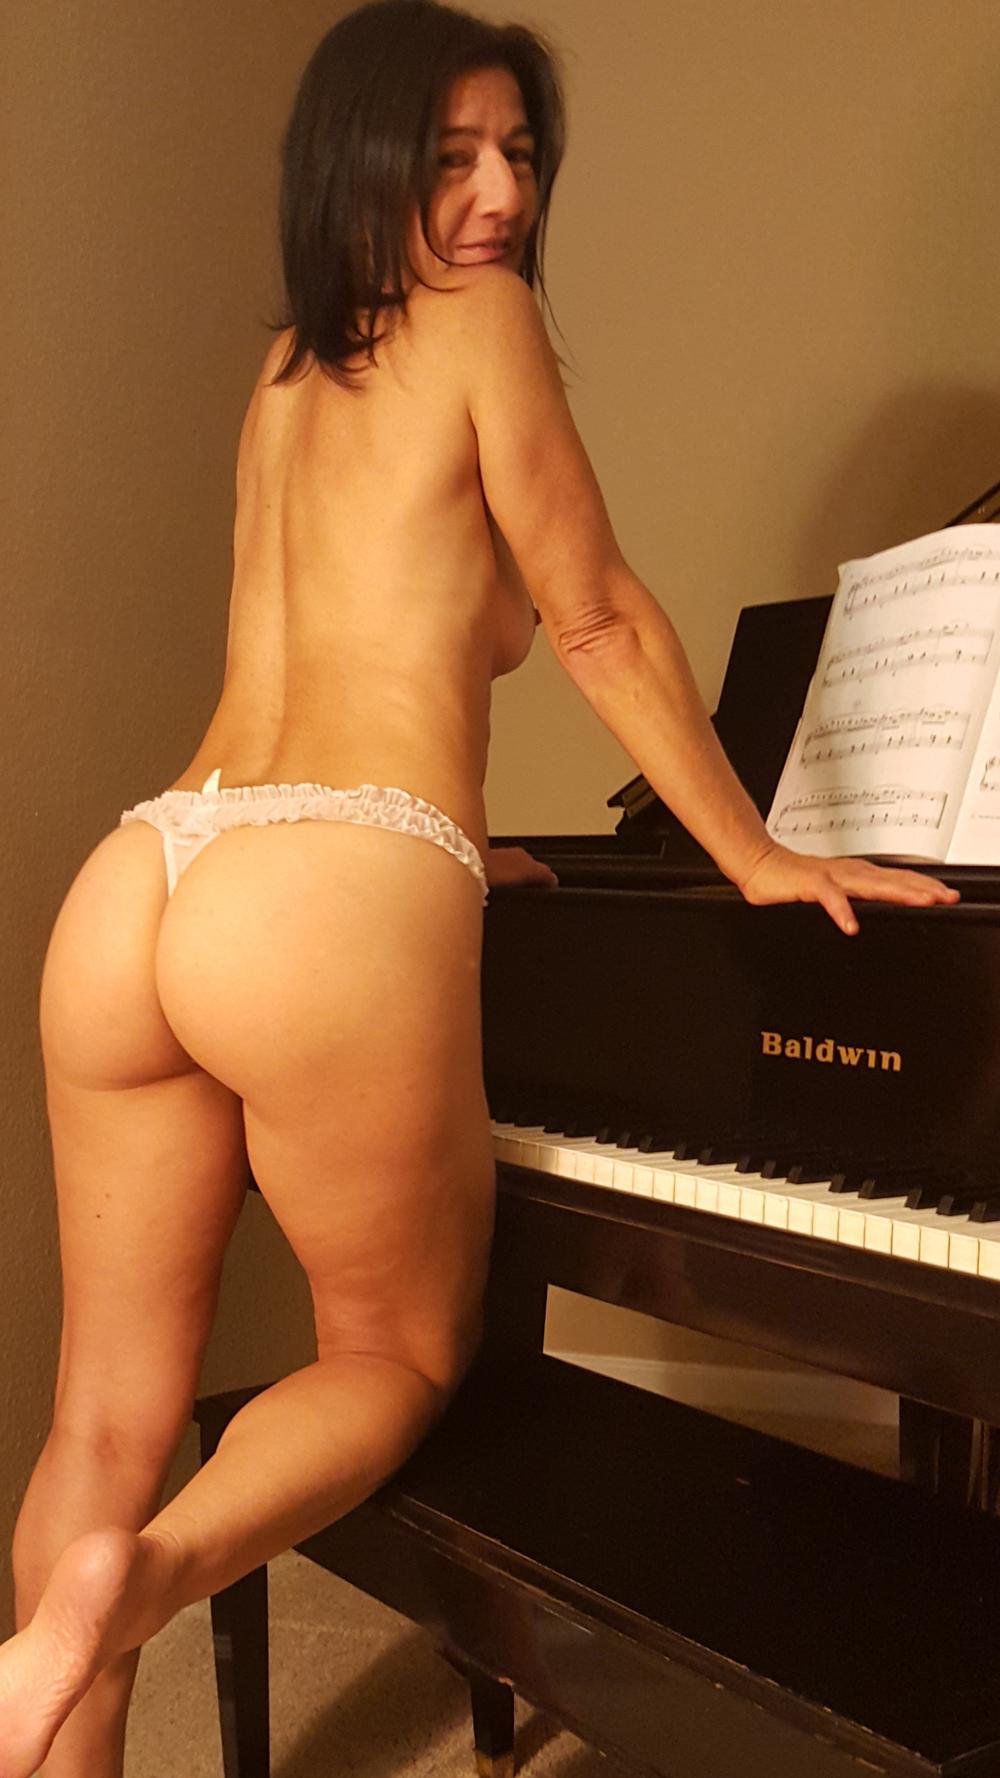 me ass baldwin piano.png